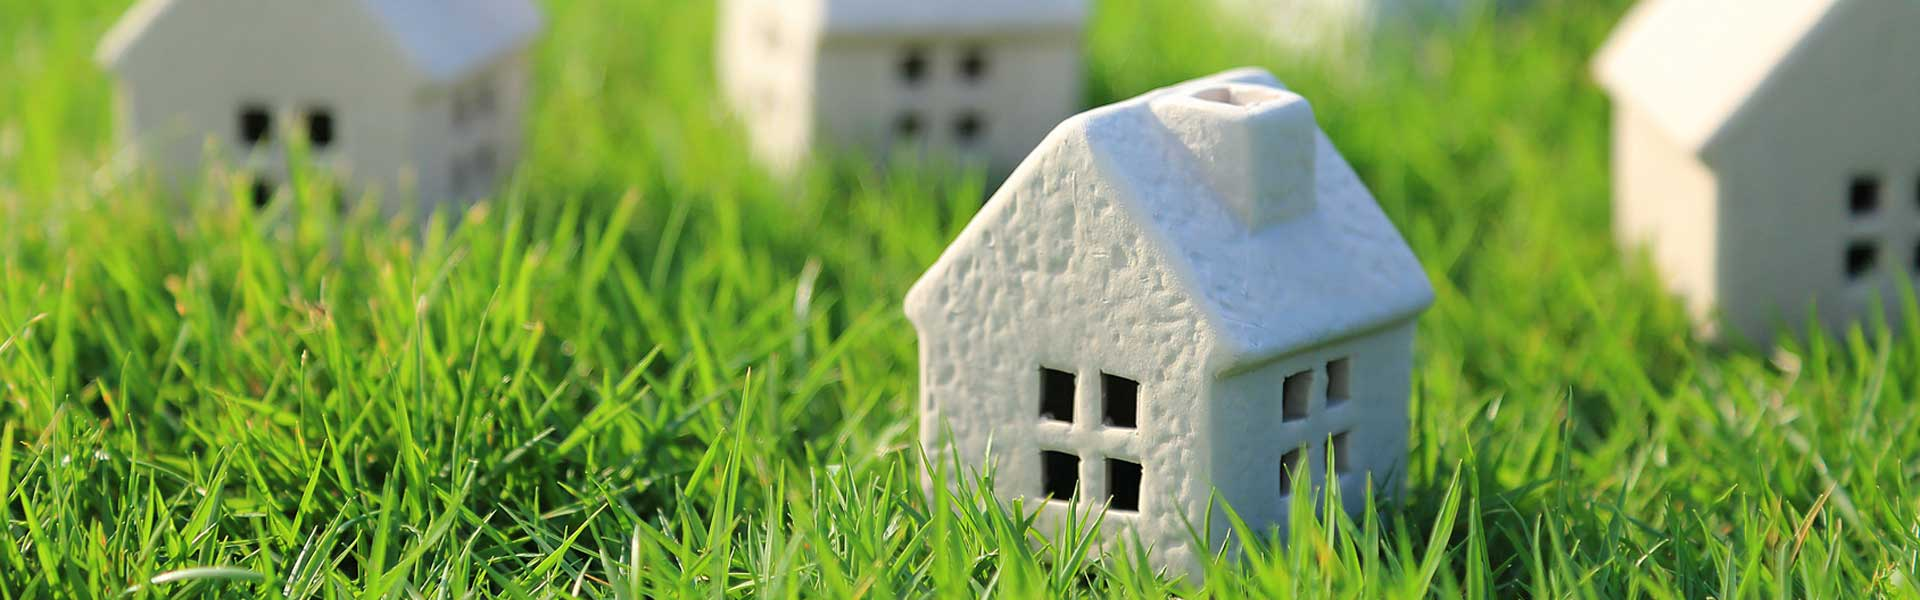 Estimation maison à MONTREUIL SOUS PEROUSE, LANDAVRAN, VAL D'IZE, CHAMPEAUX, MARPIRE, DOURDAIN ou LA BOUEXIERE (35)